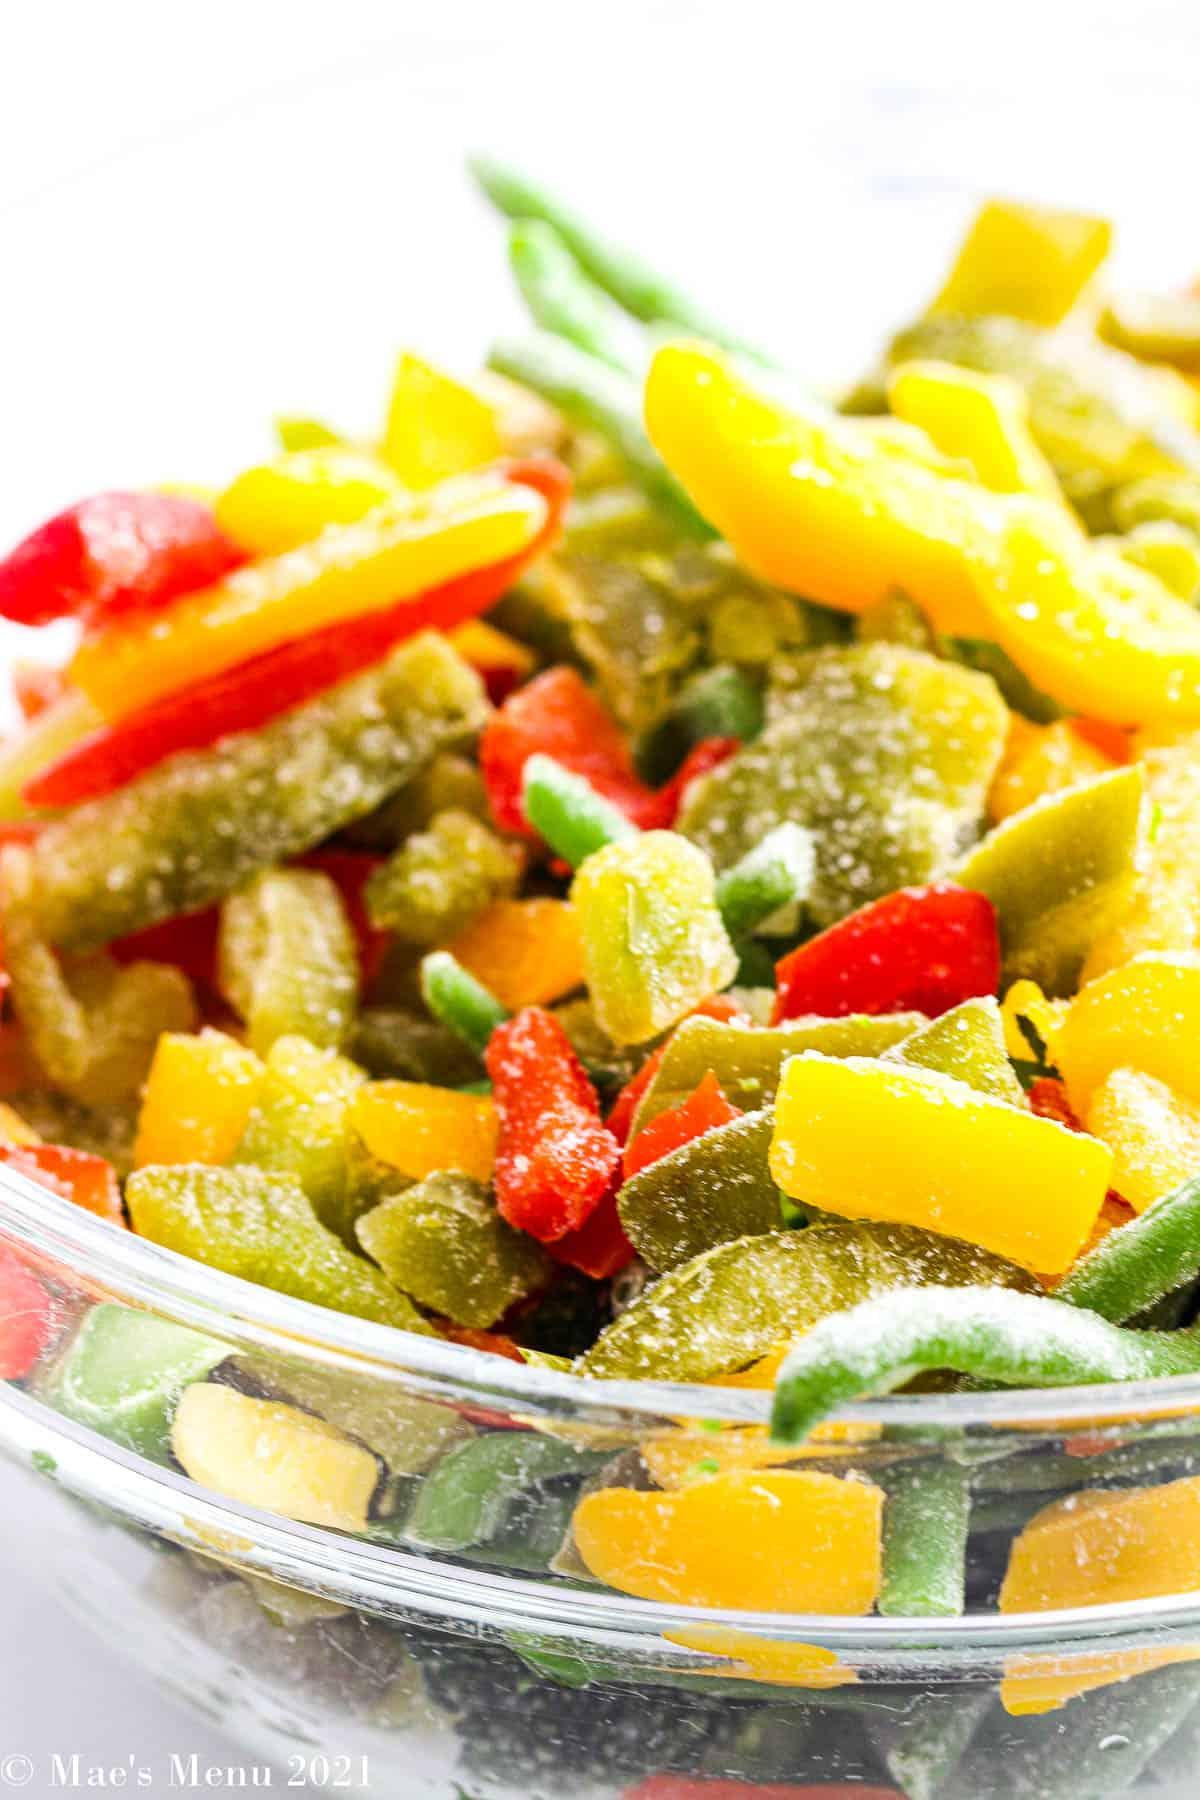 An up-close shot of frozen veggies